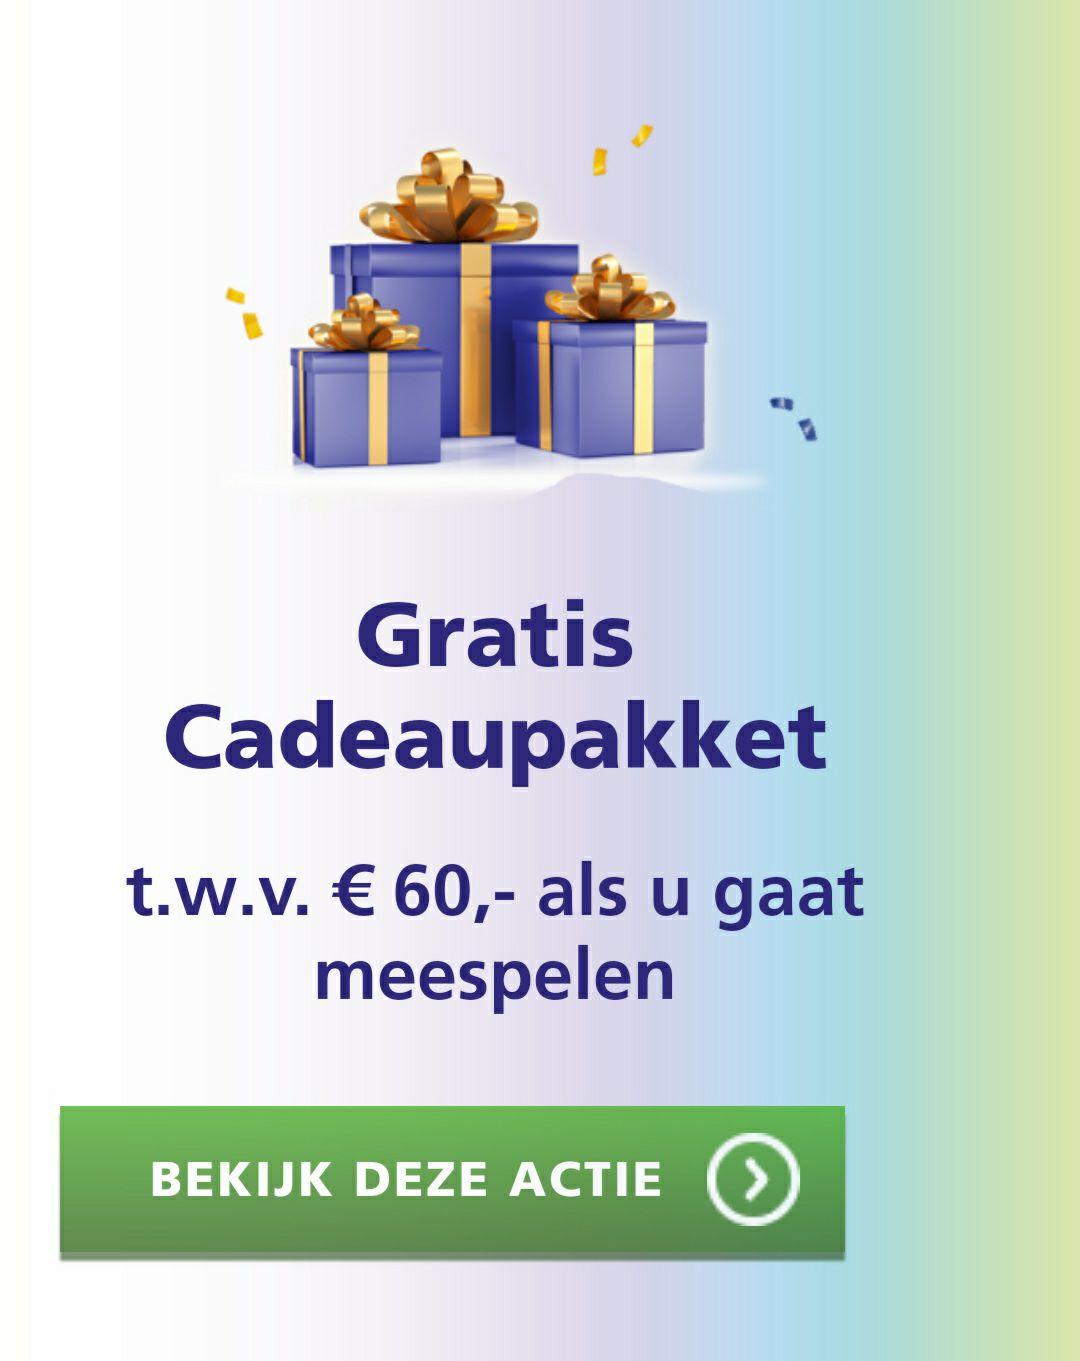 €60 cadeau pakket bankgiro loterij